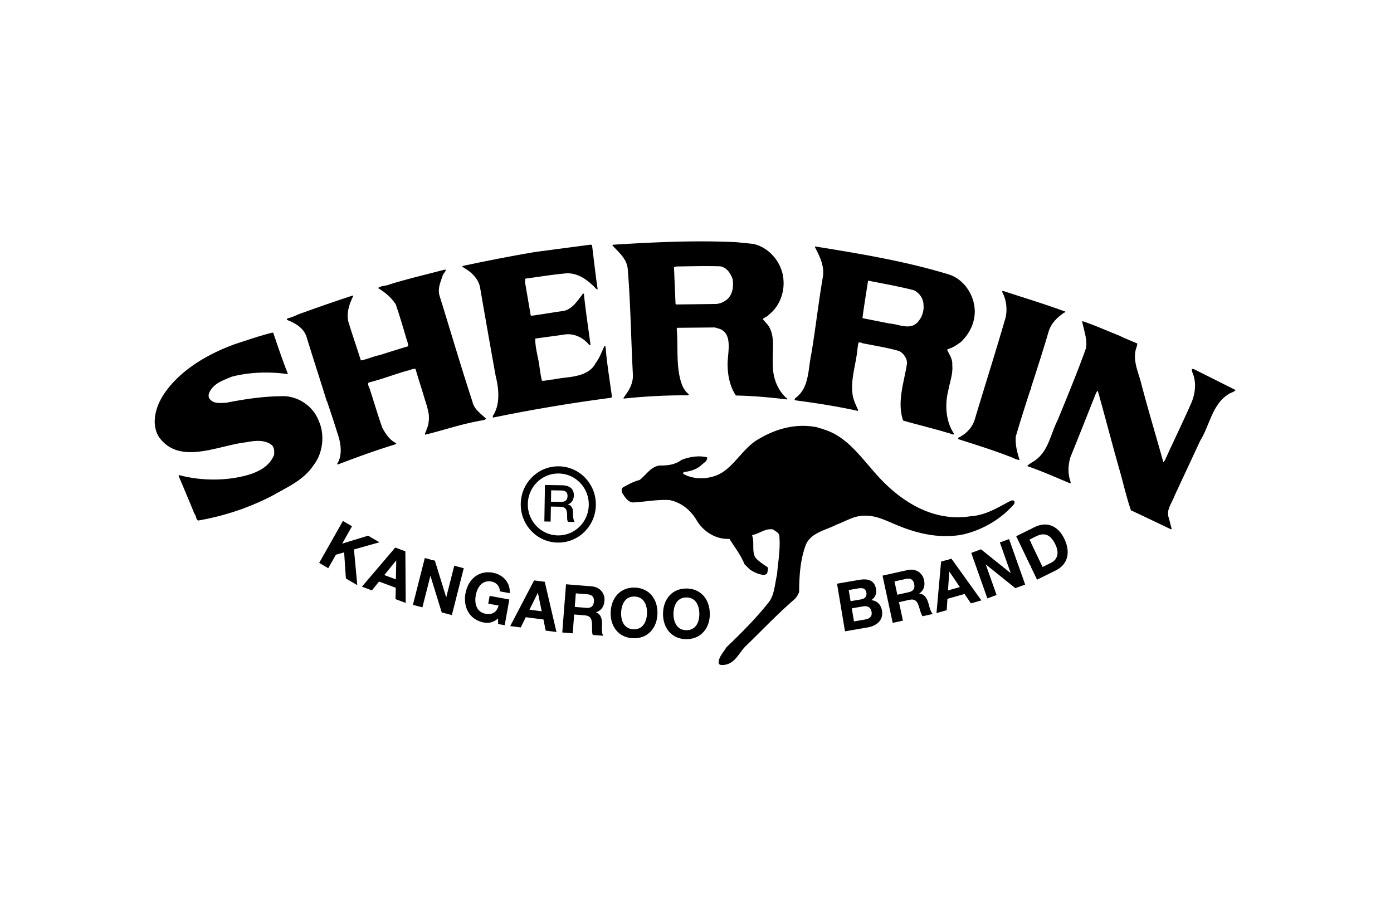 Sherrin Logo